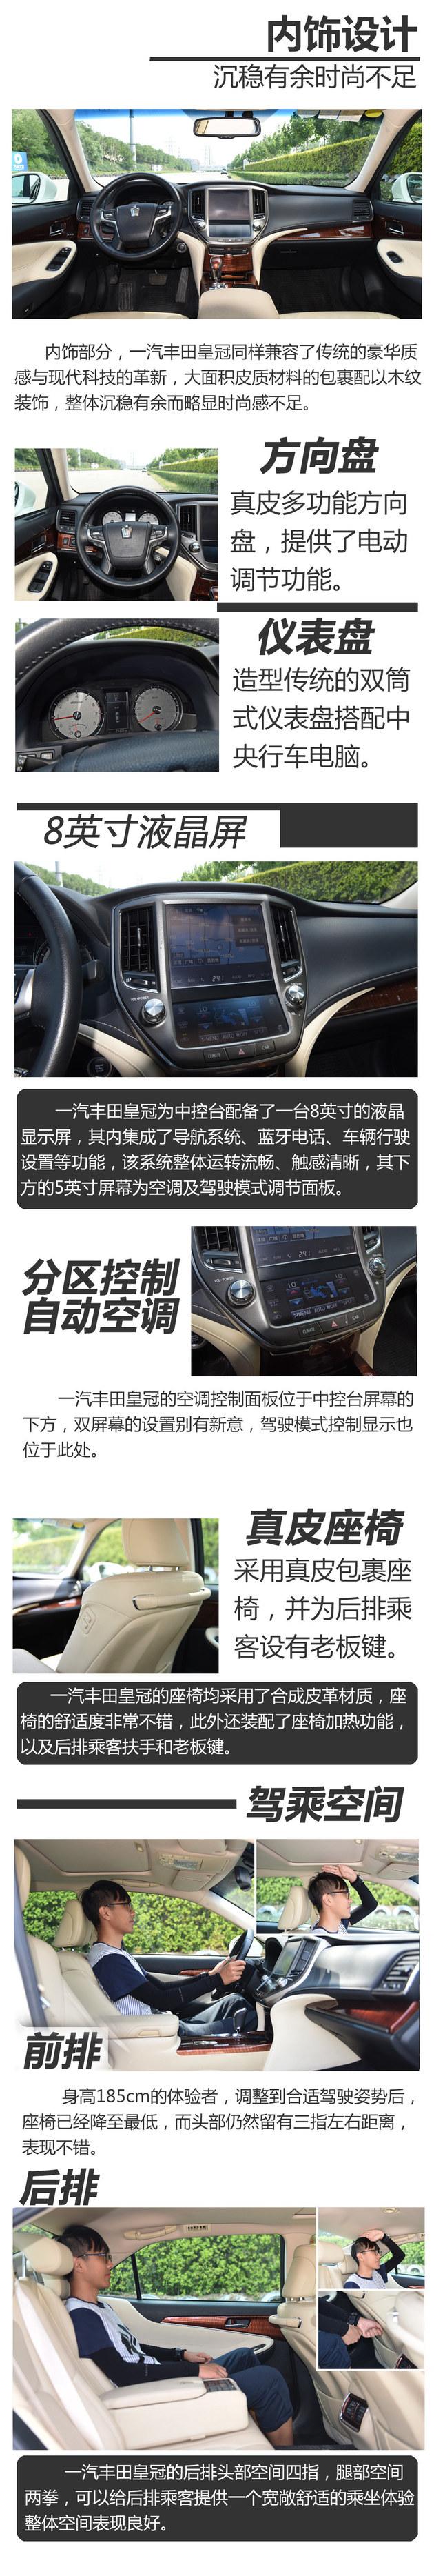 一汽丰田皇冠2.0T测试 设计大气沉稳